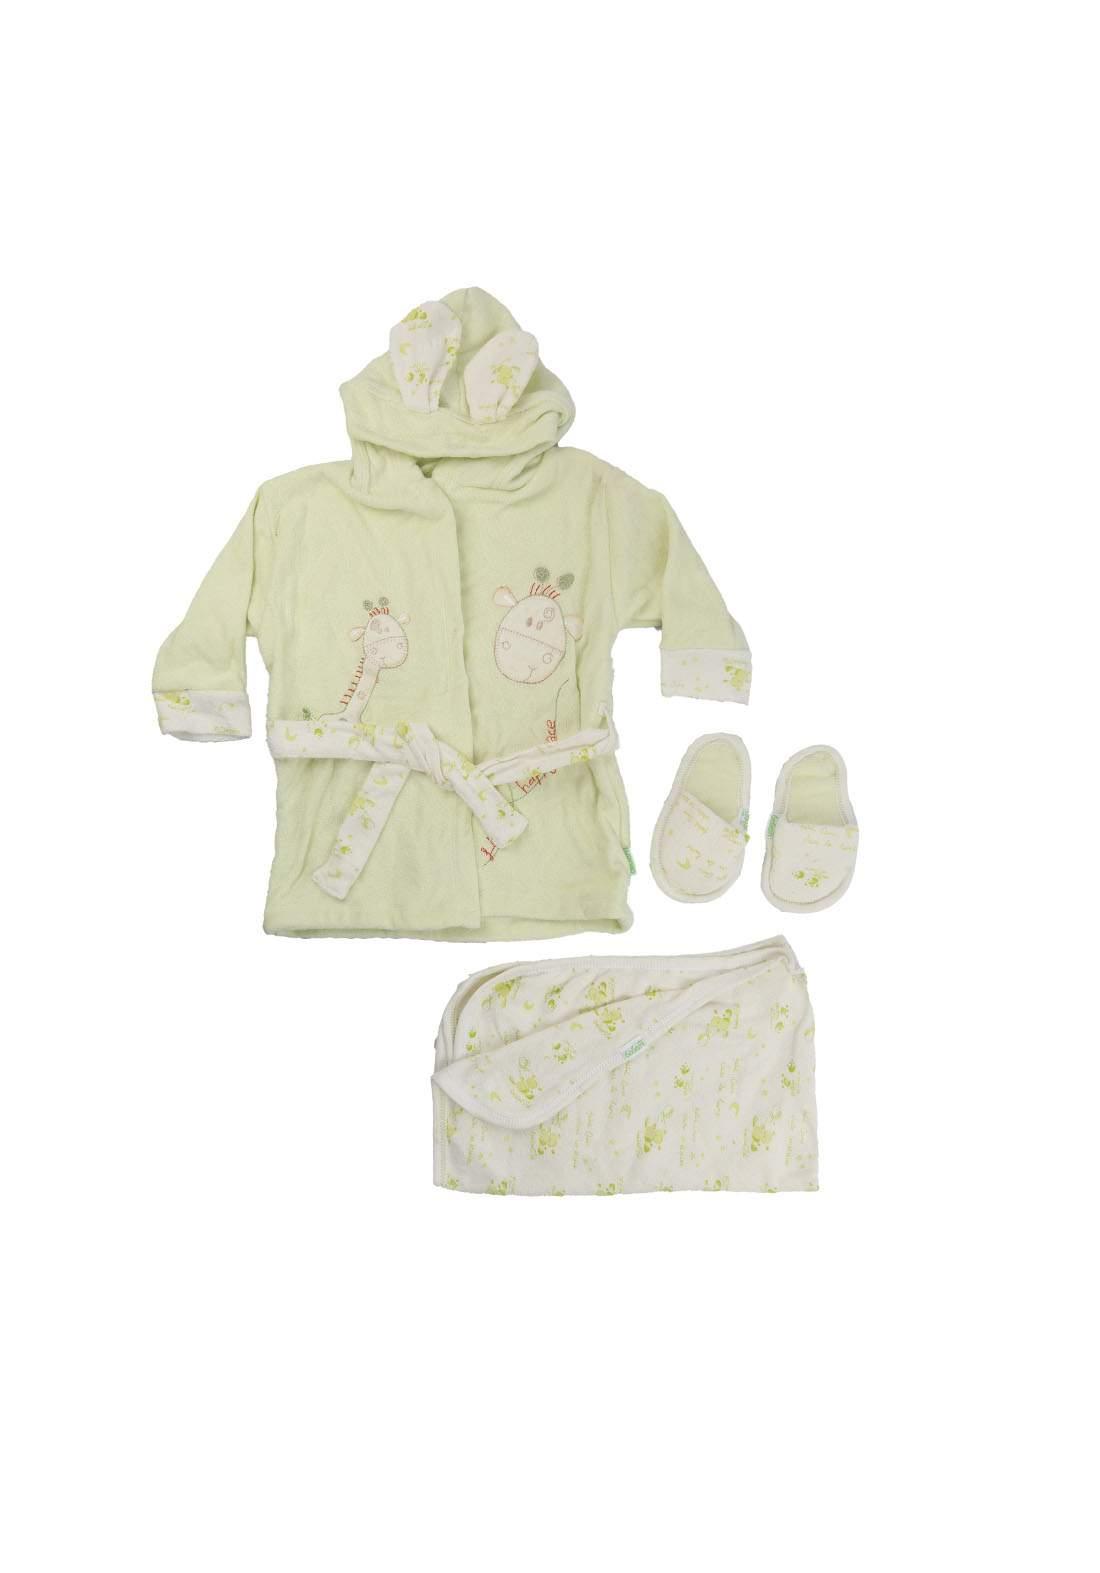 سيت روب استحمام للاطفال اخضر فاتح اللون  189